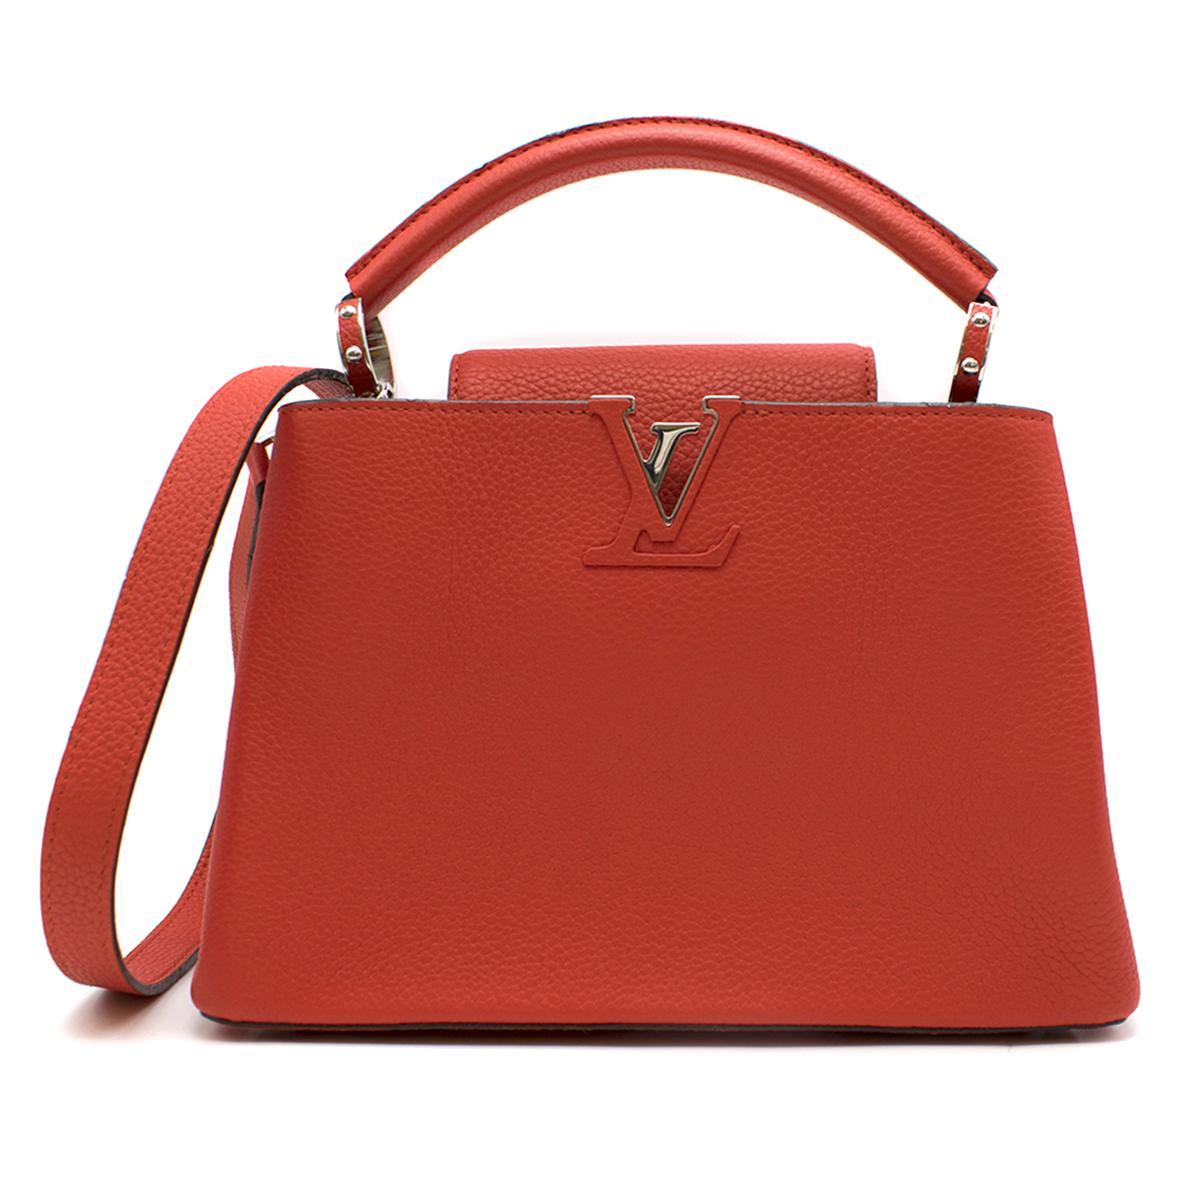 Louis Vuitton Red Capucines BB Shoulder Bag